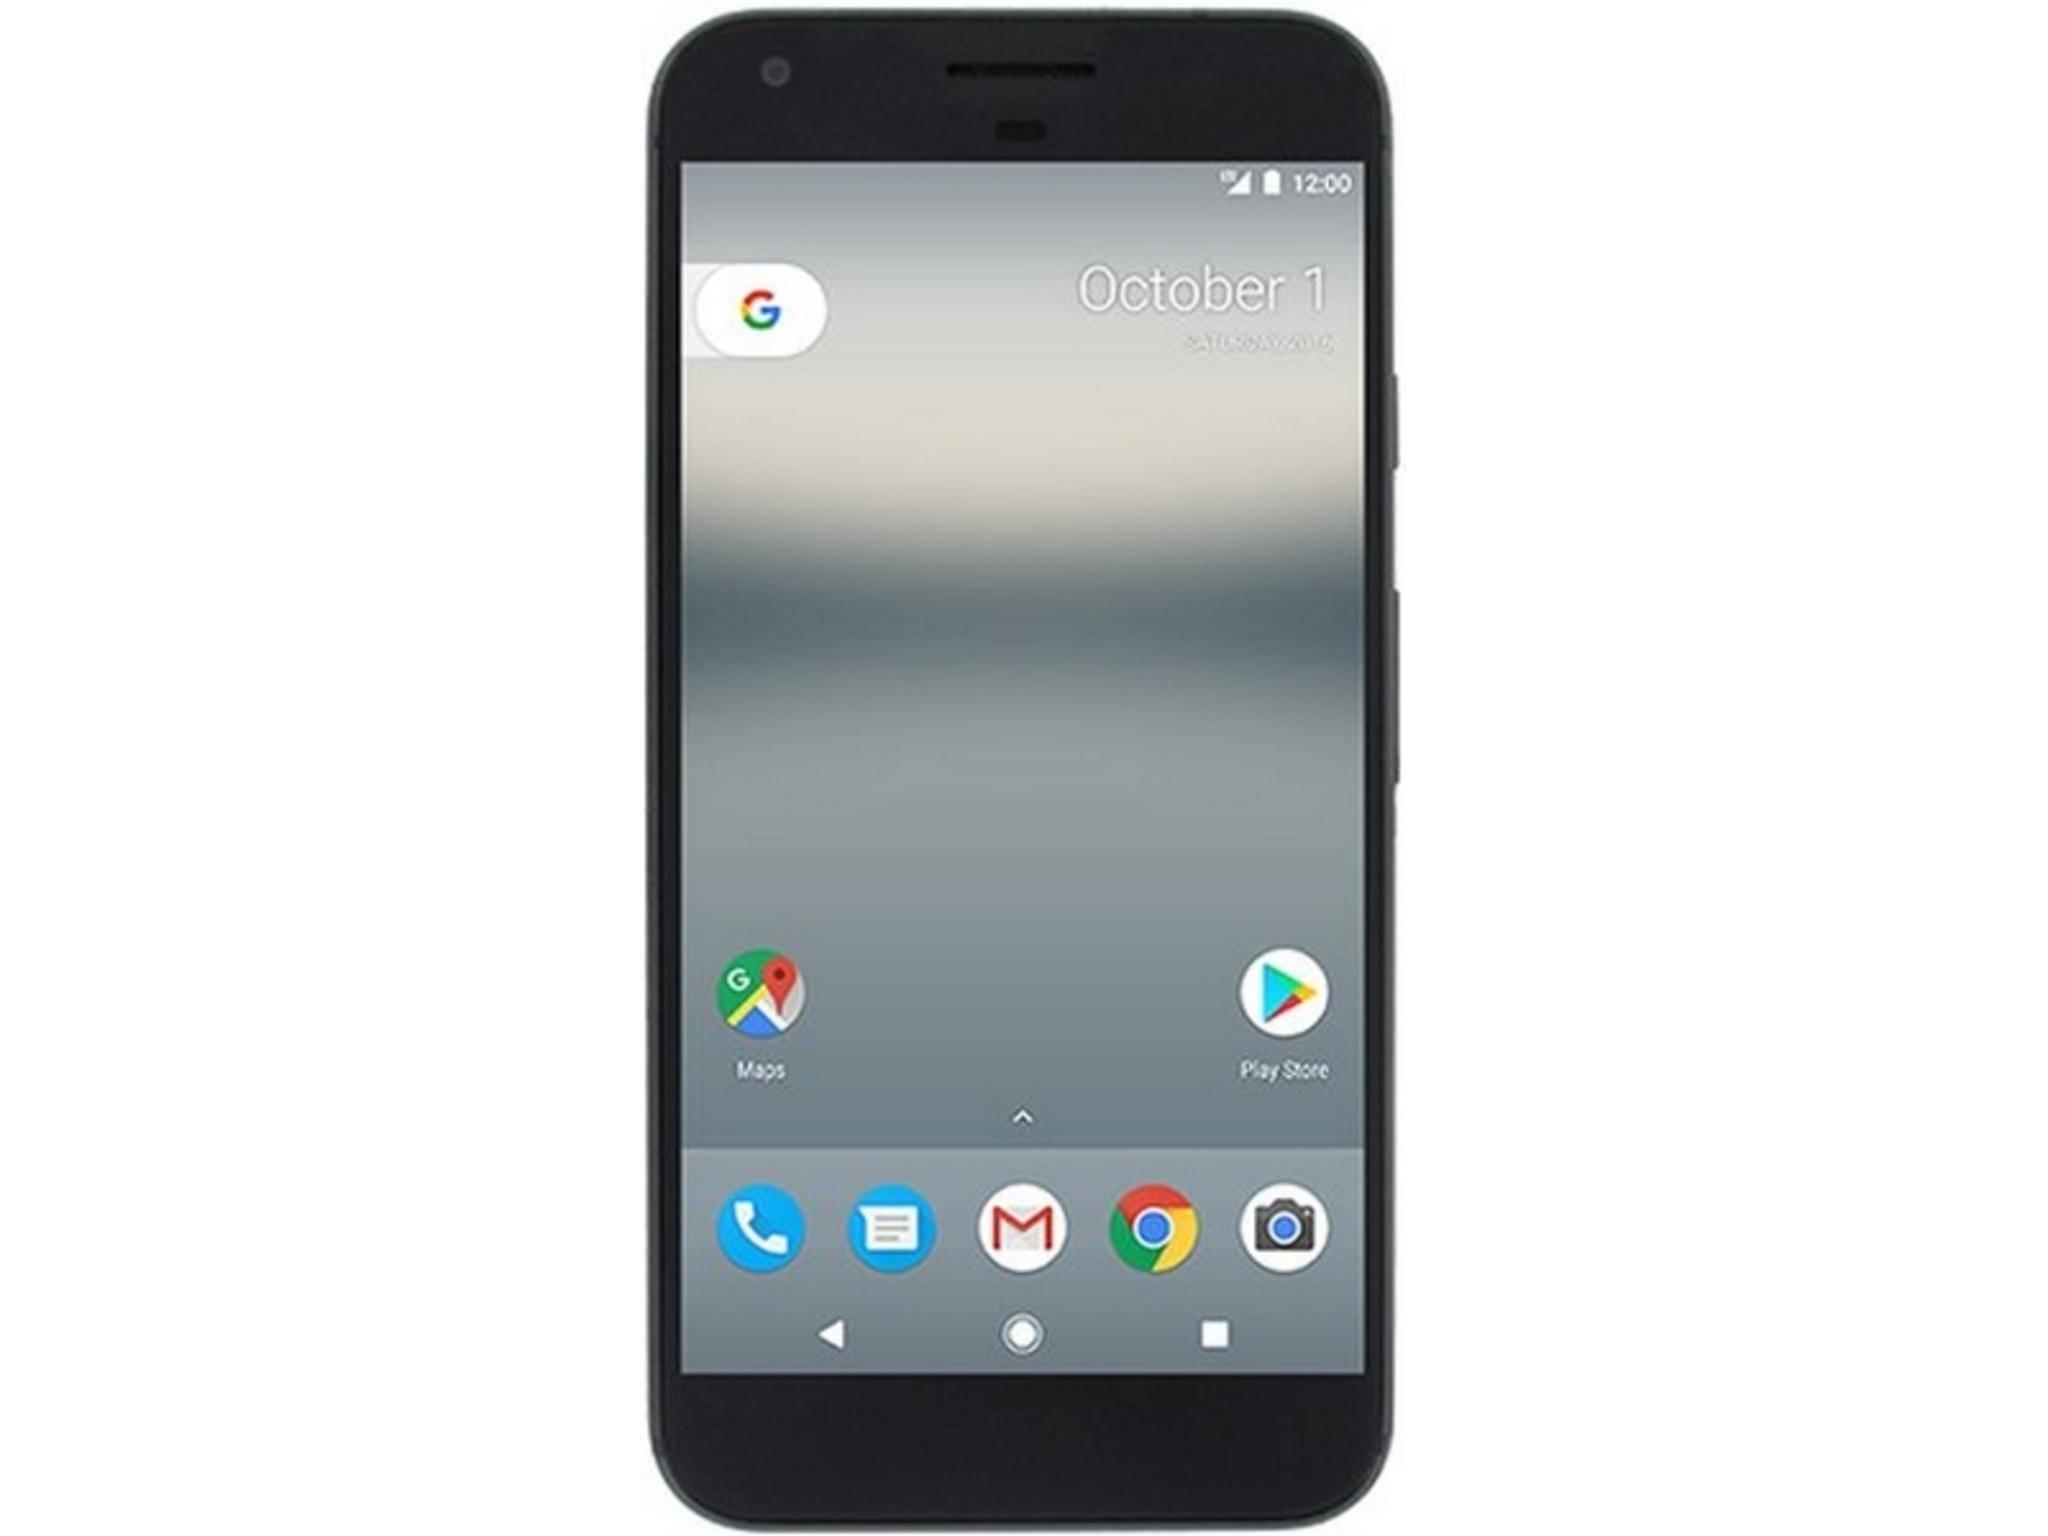 Das Pixel XL soll am 4. Oktober vorgestellt werden.